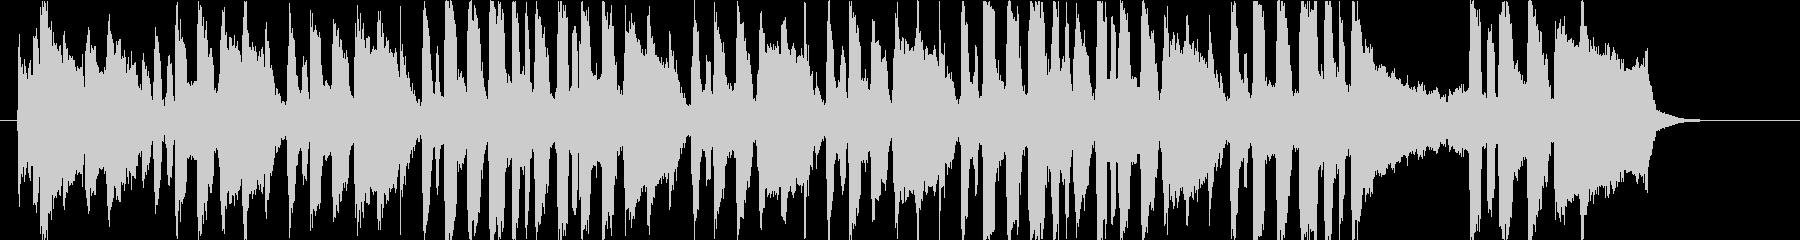 誕生日の歌(ワルツver) 【ソウタ】の未再生の波形